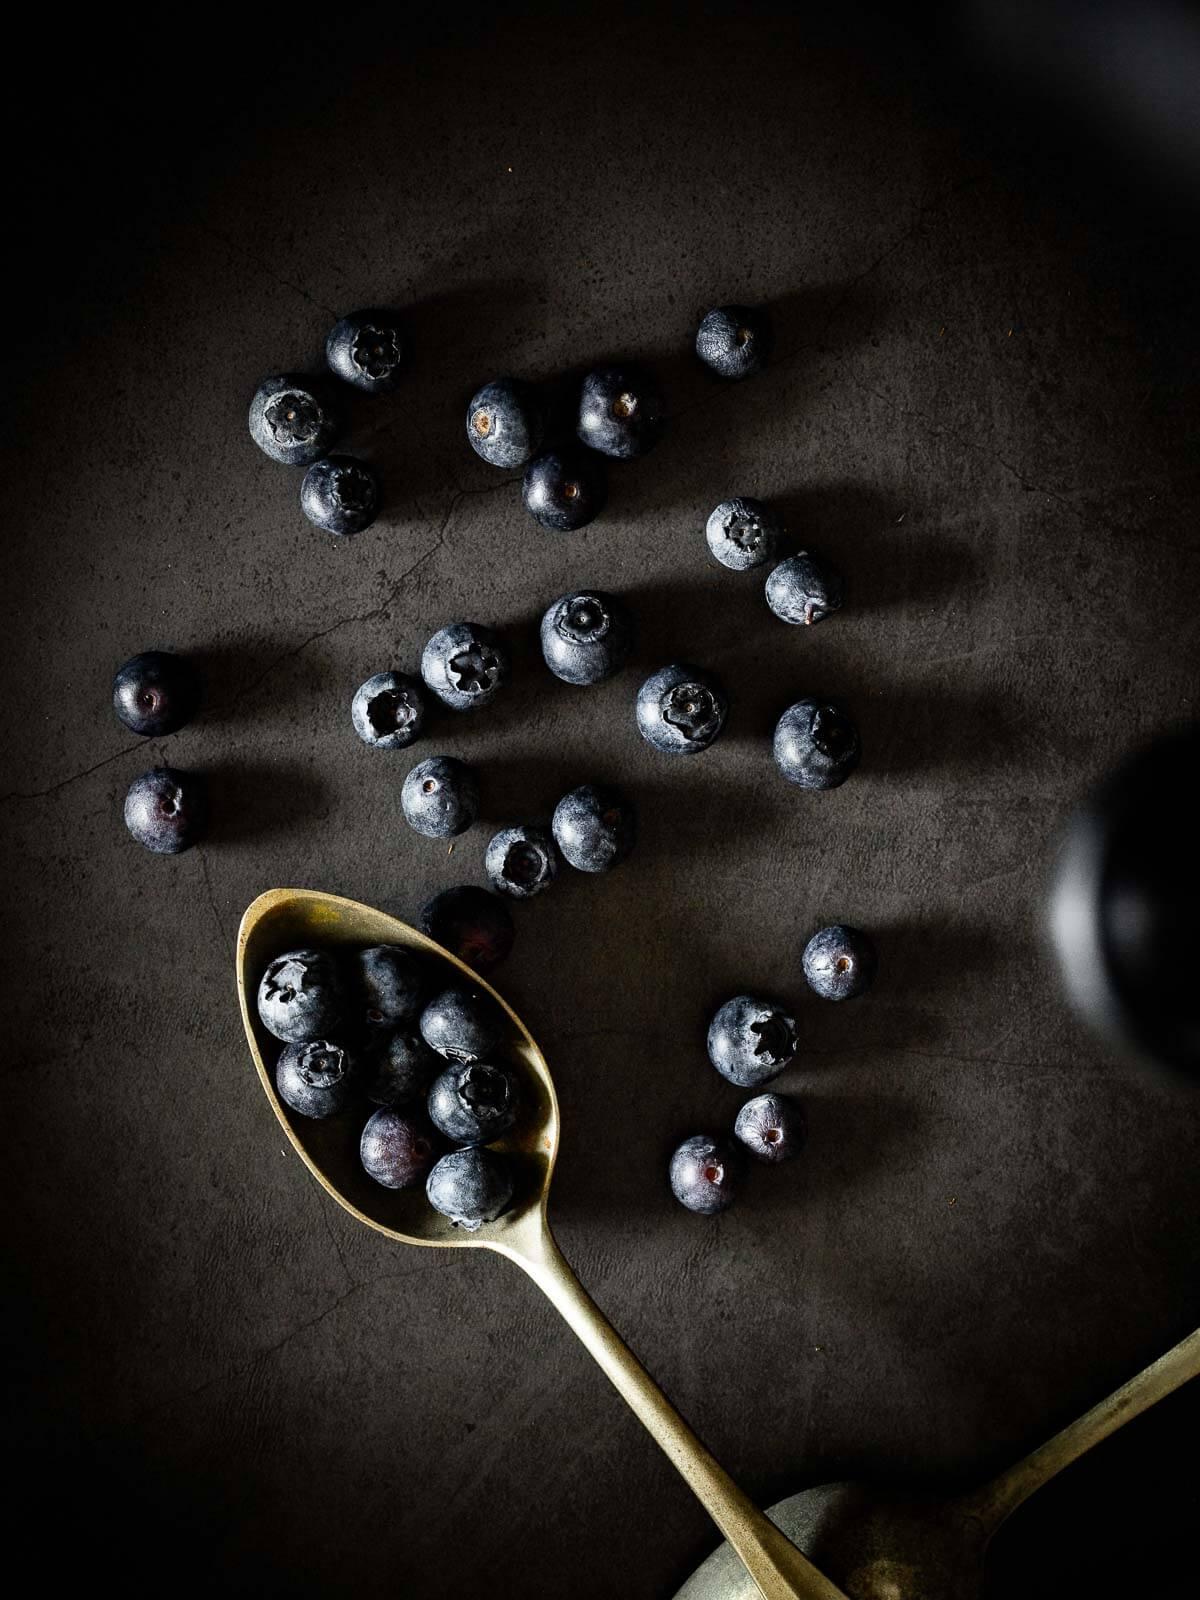 Spoon of Blueberries